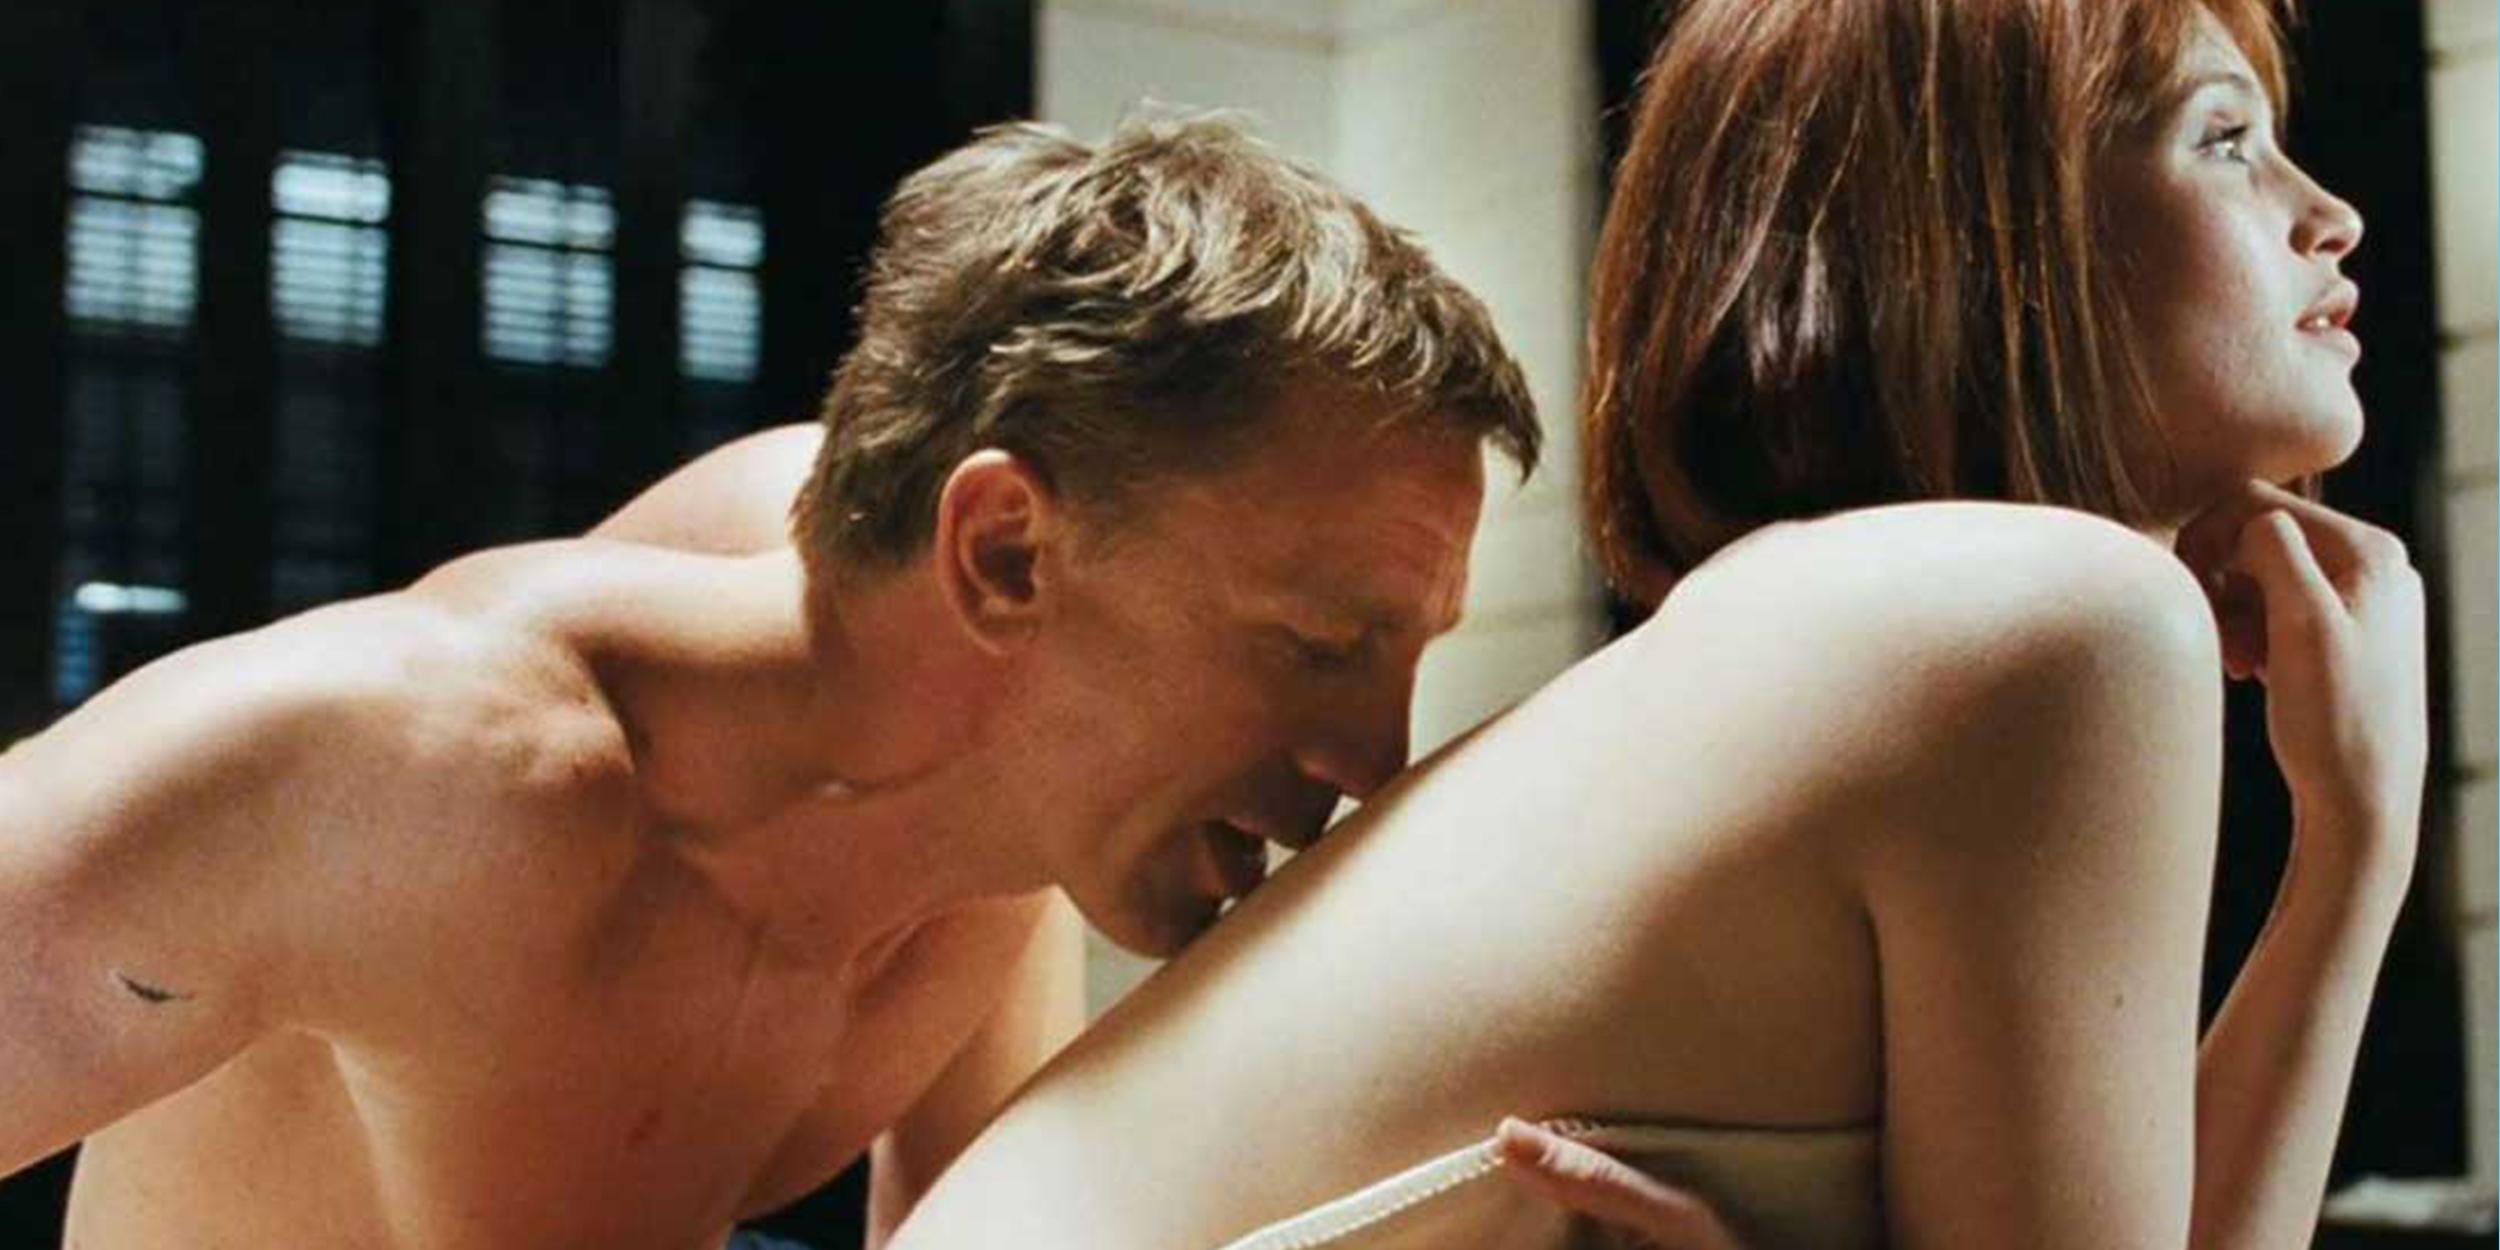 Без вируса массаж эротический эротический массаж вакансии мужчины